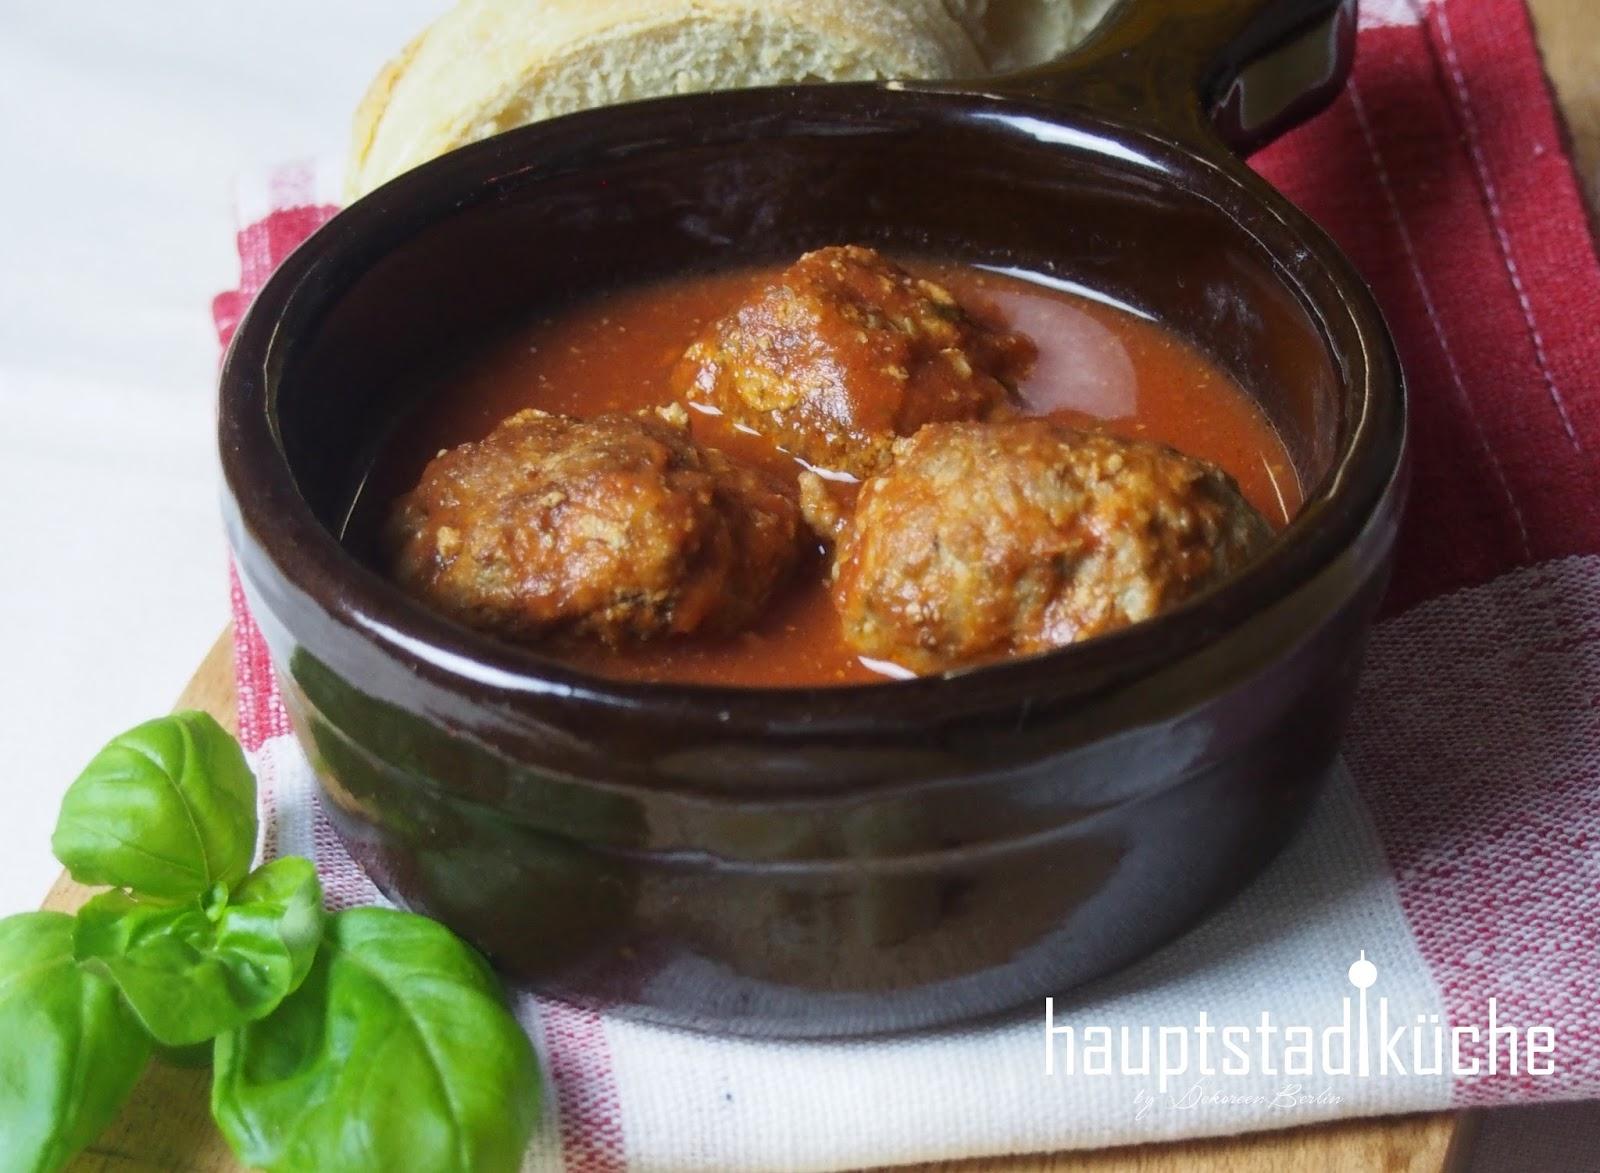 Soulfood auf italienisch: Polpette di carne | hauptstadtküche